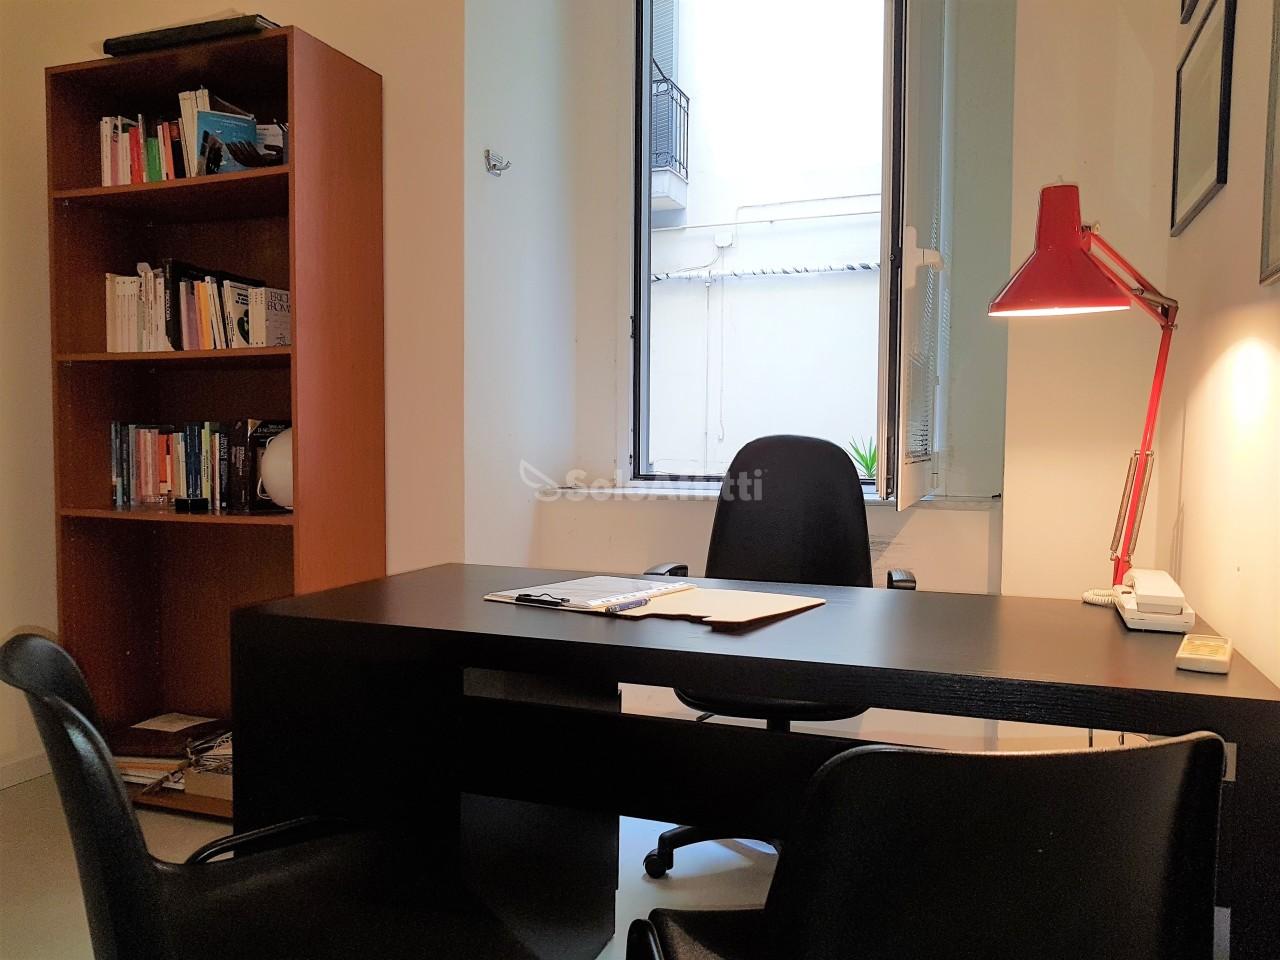 Ufficio - 1 locale a Vomero, Napoli Rif. 10055630